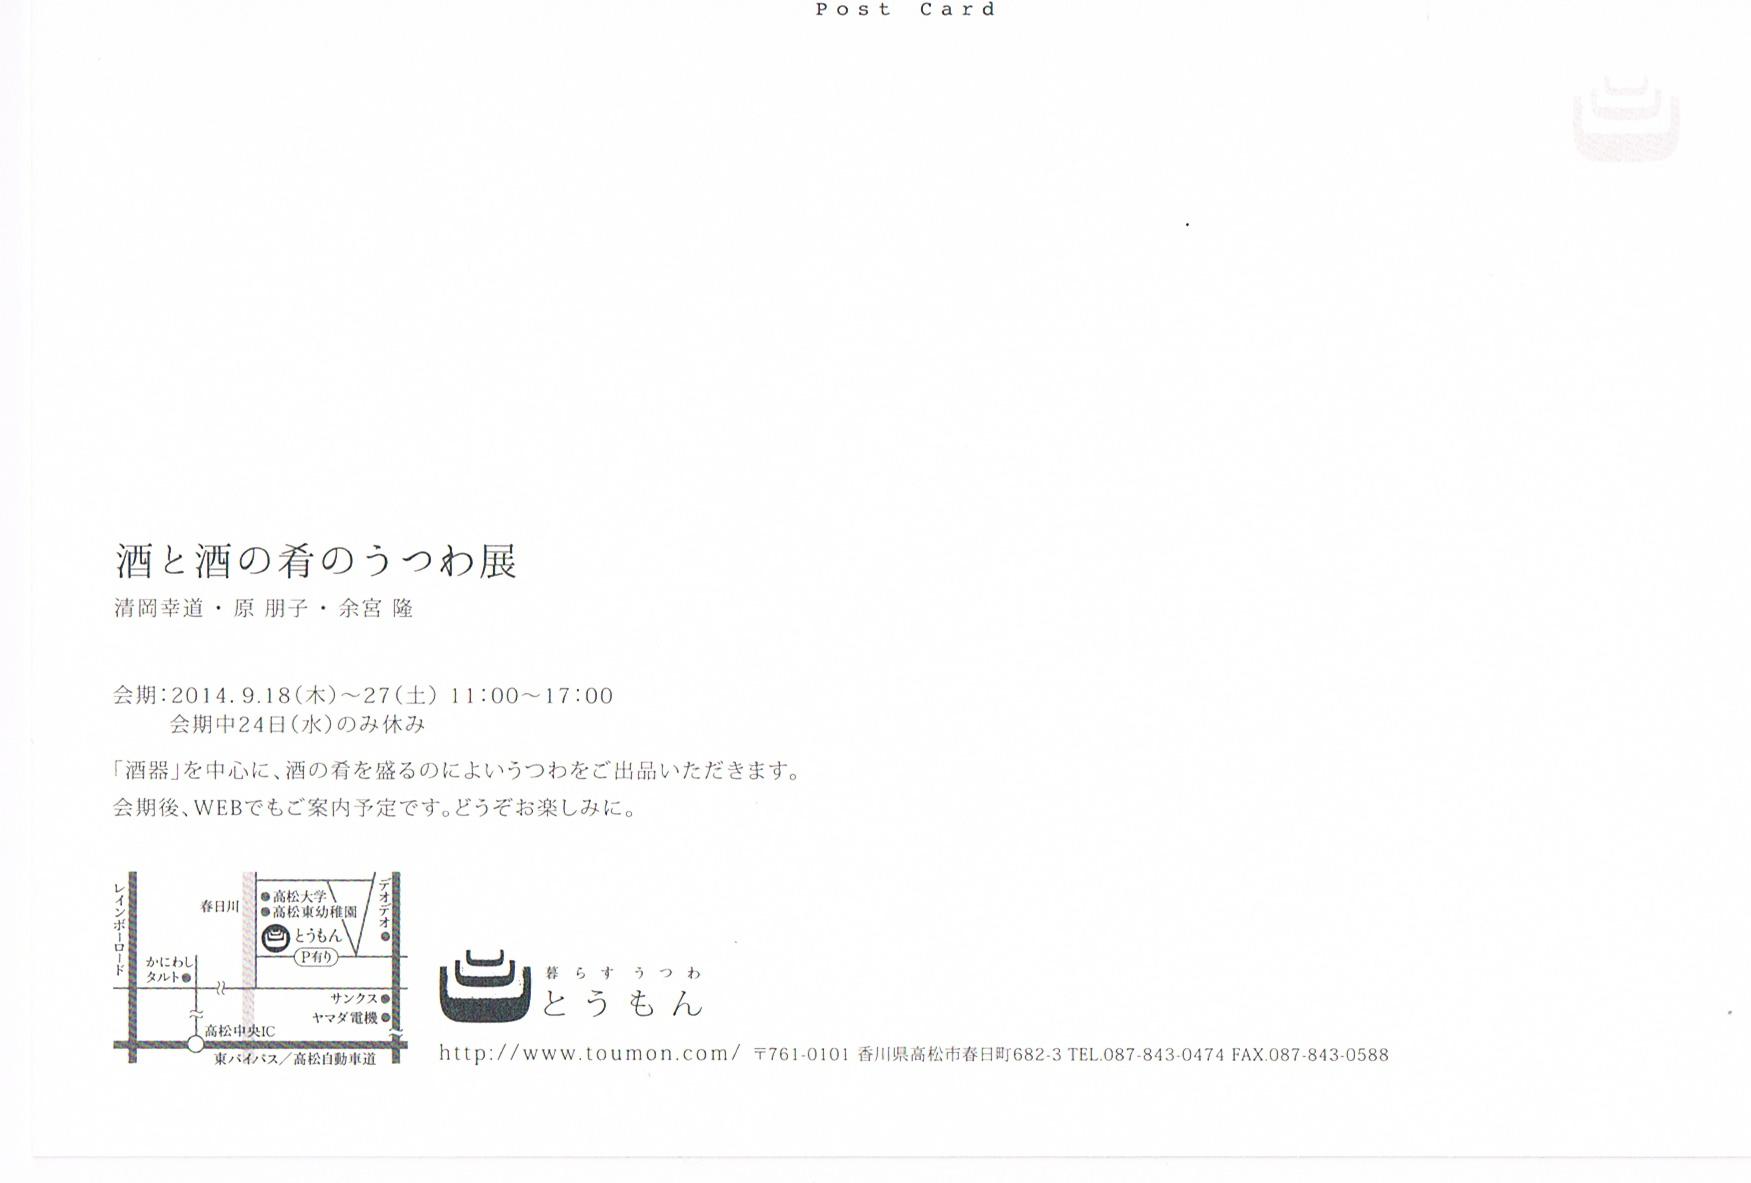 【お知らせ】酒と酒の肴のうつわ展_e0130953_10403053.jpg